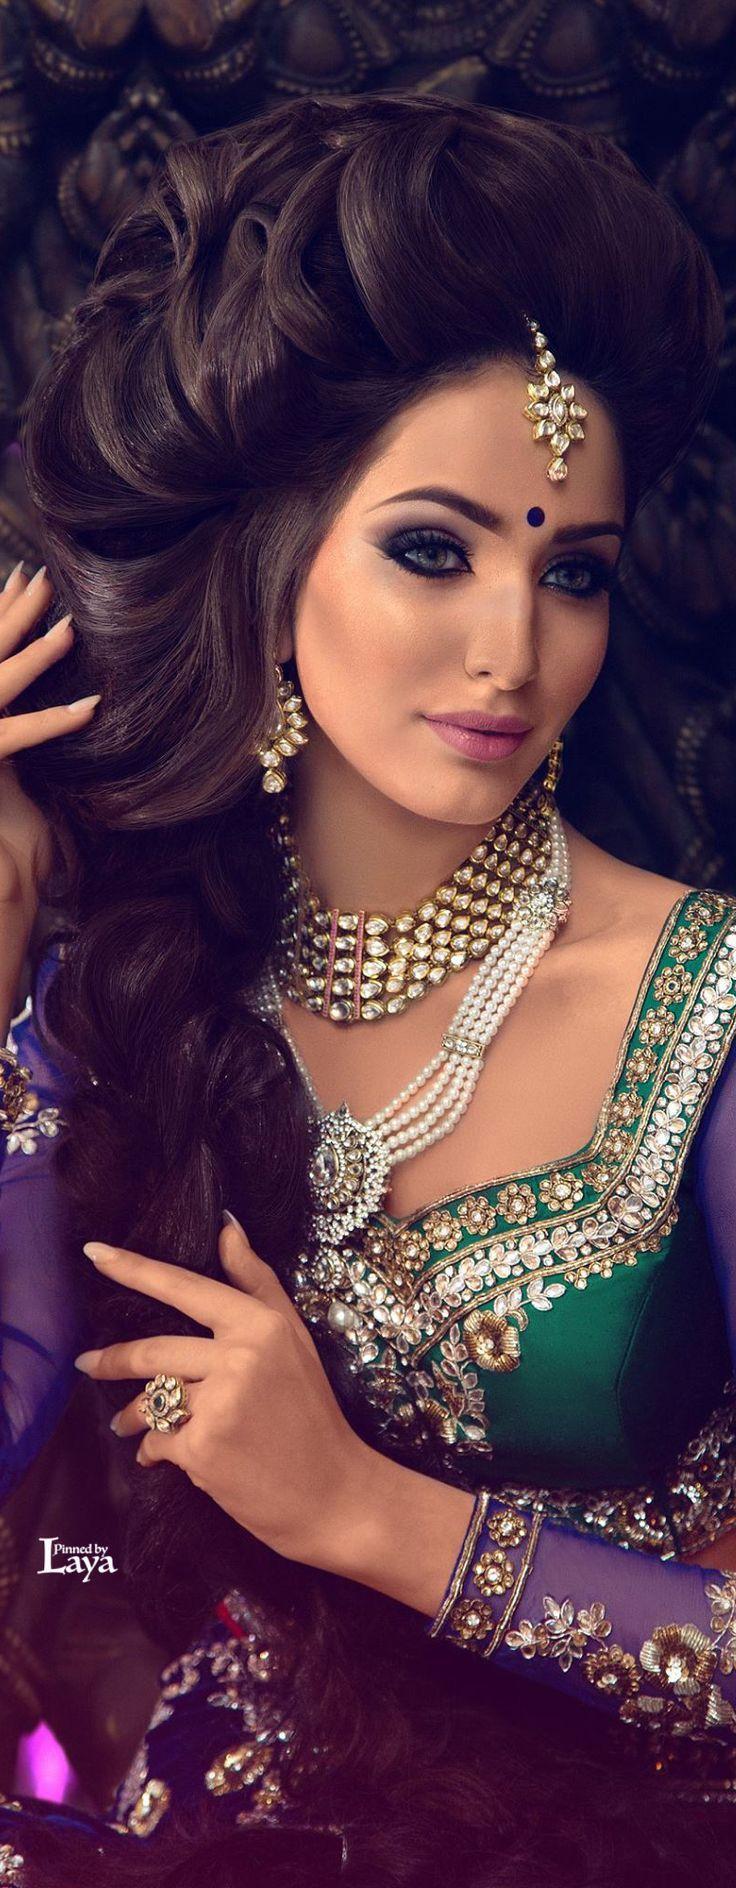 new Indian Bridal makeup photos 2015 1254